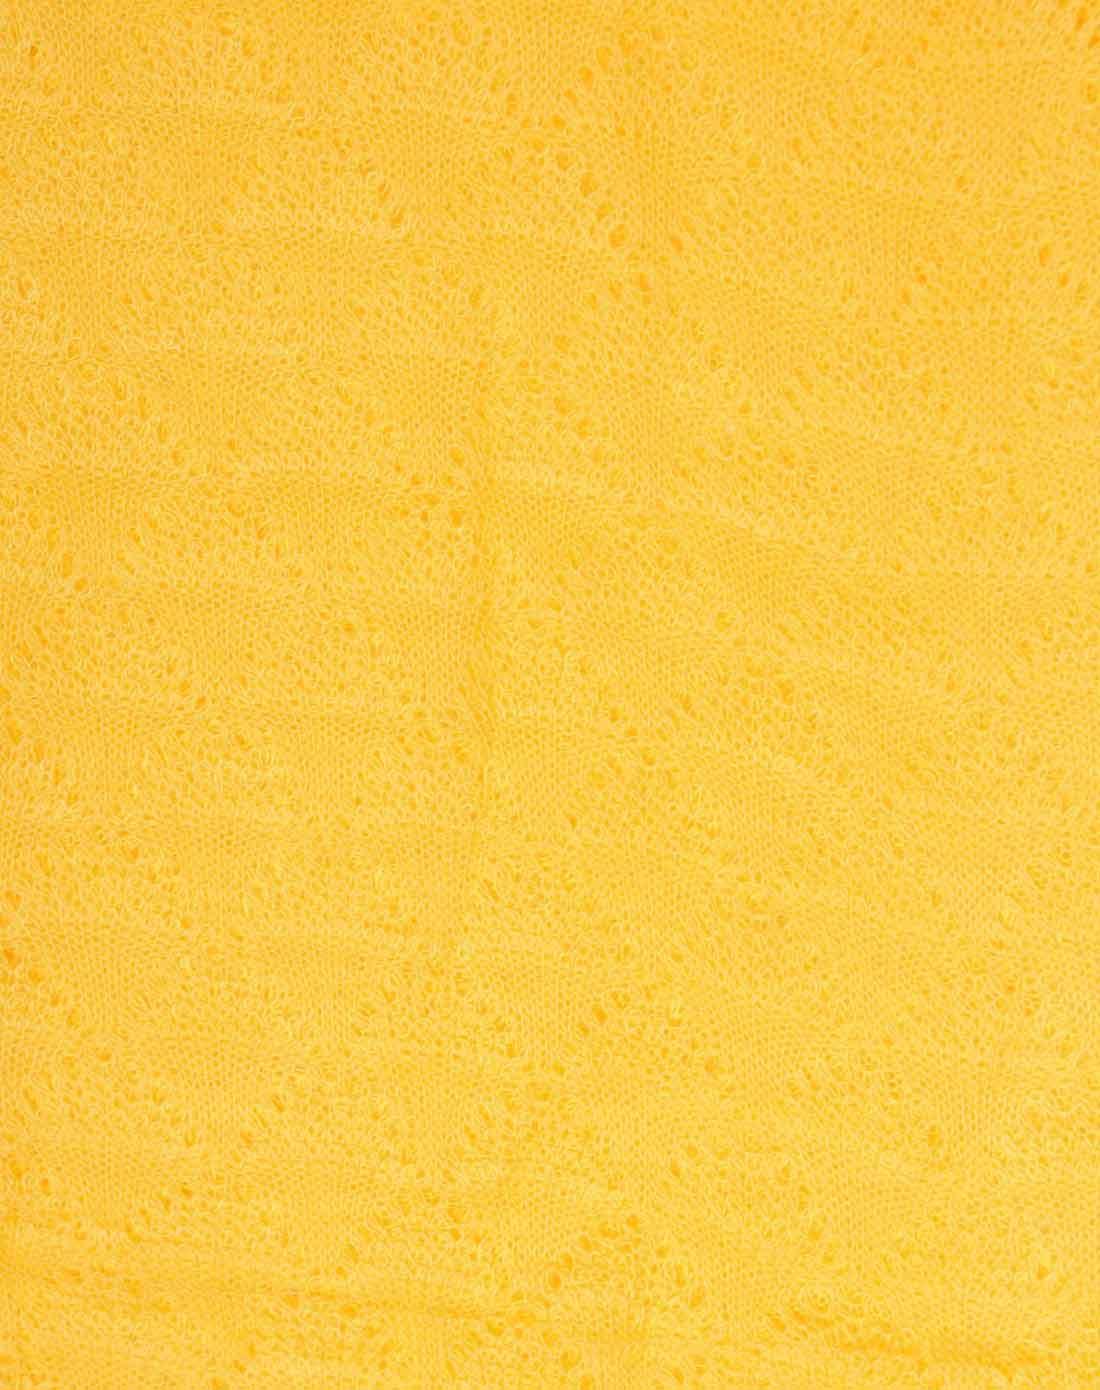 黄色囹?a???9??:l?_帕鲁巴斯palbas围巾专场女款黄色纯色薄围巾058163